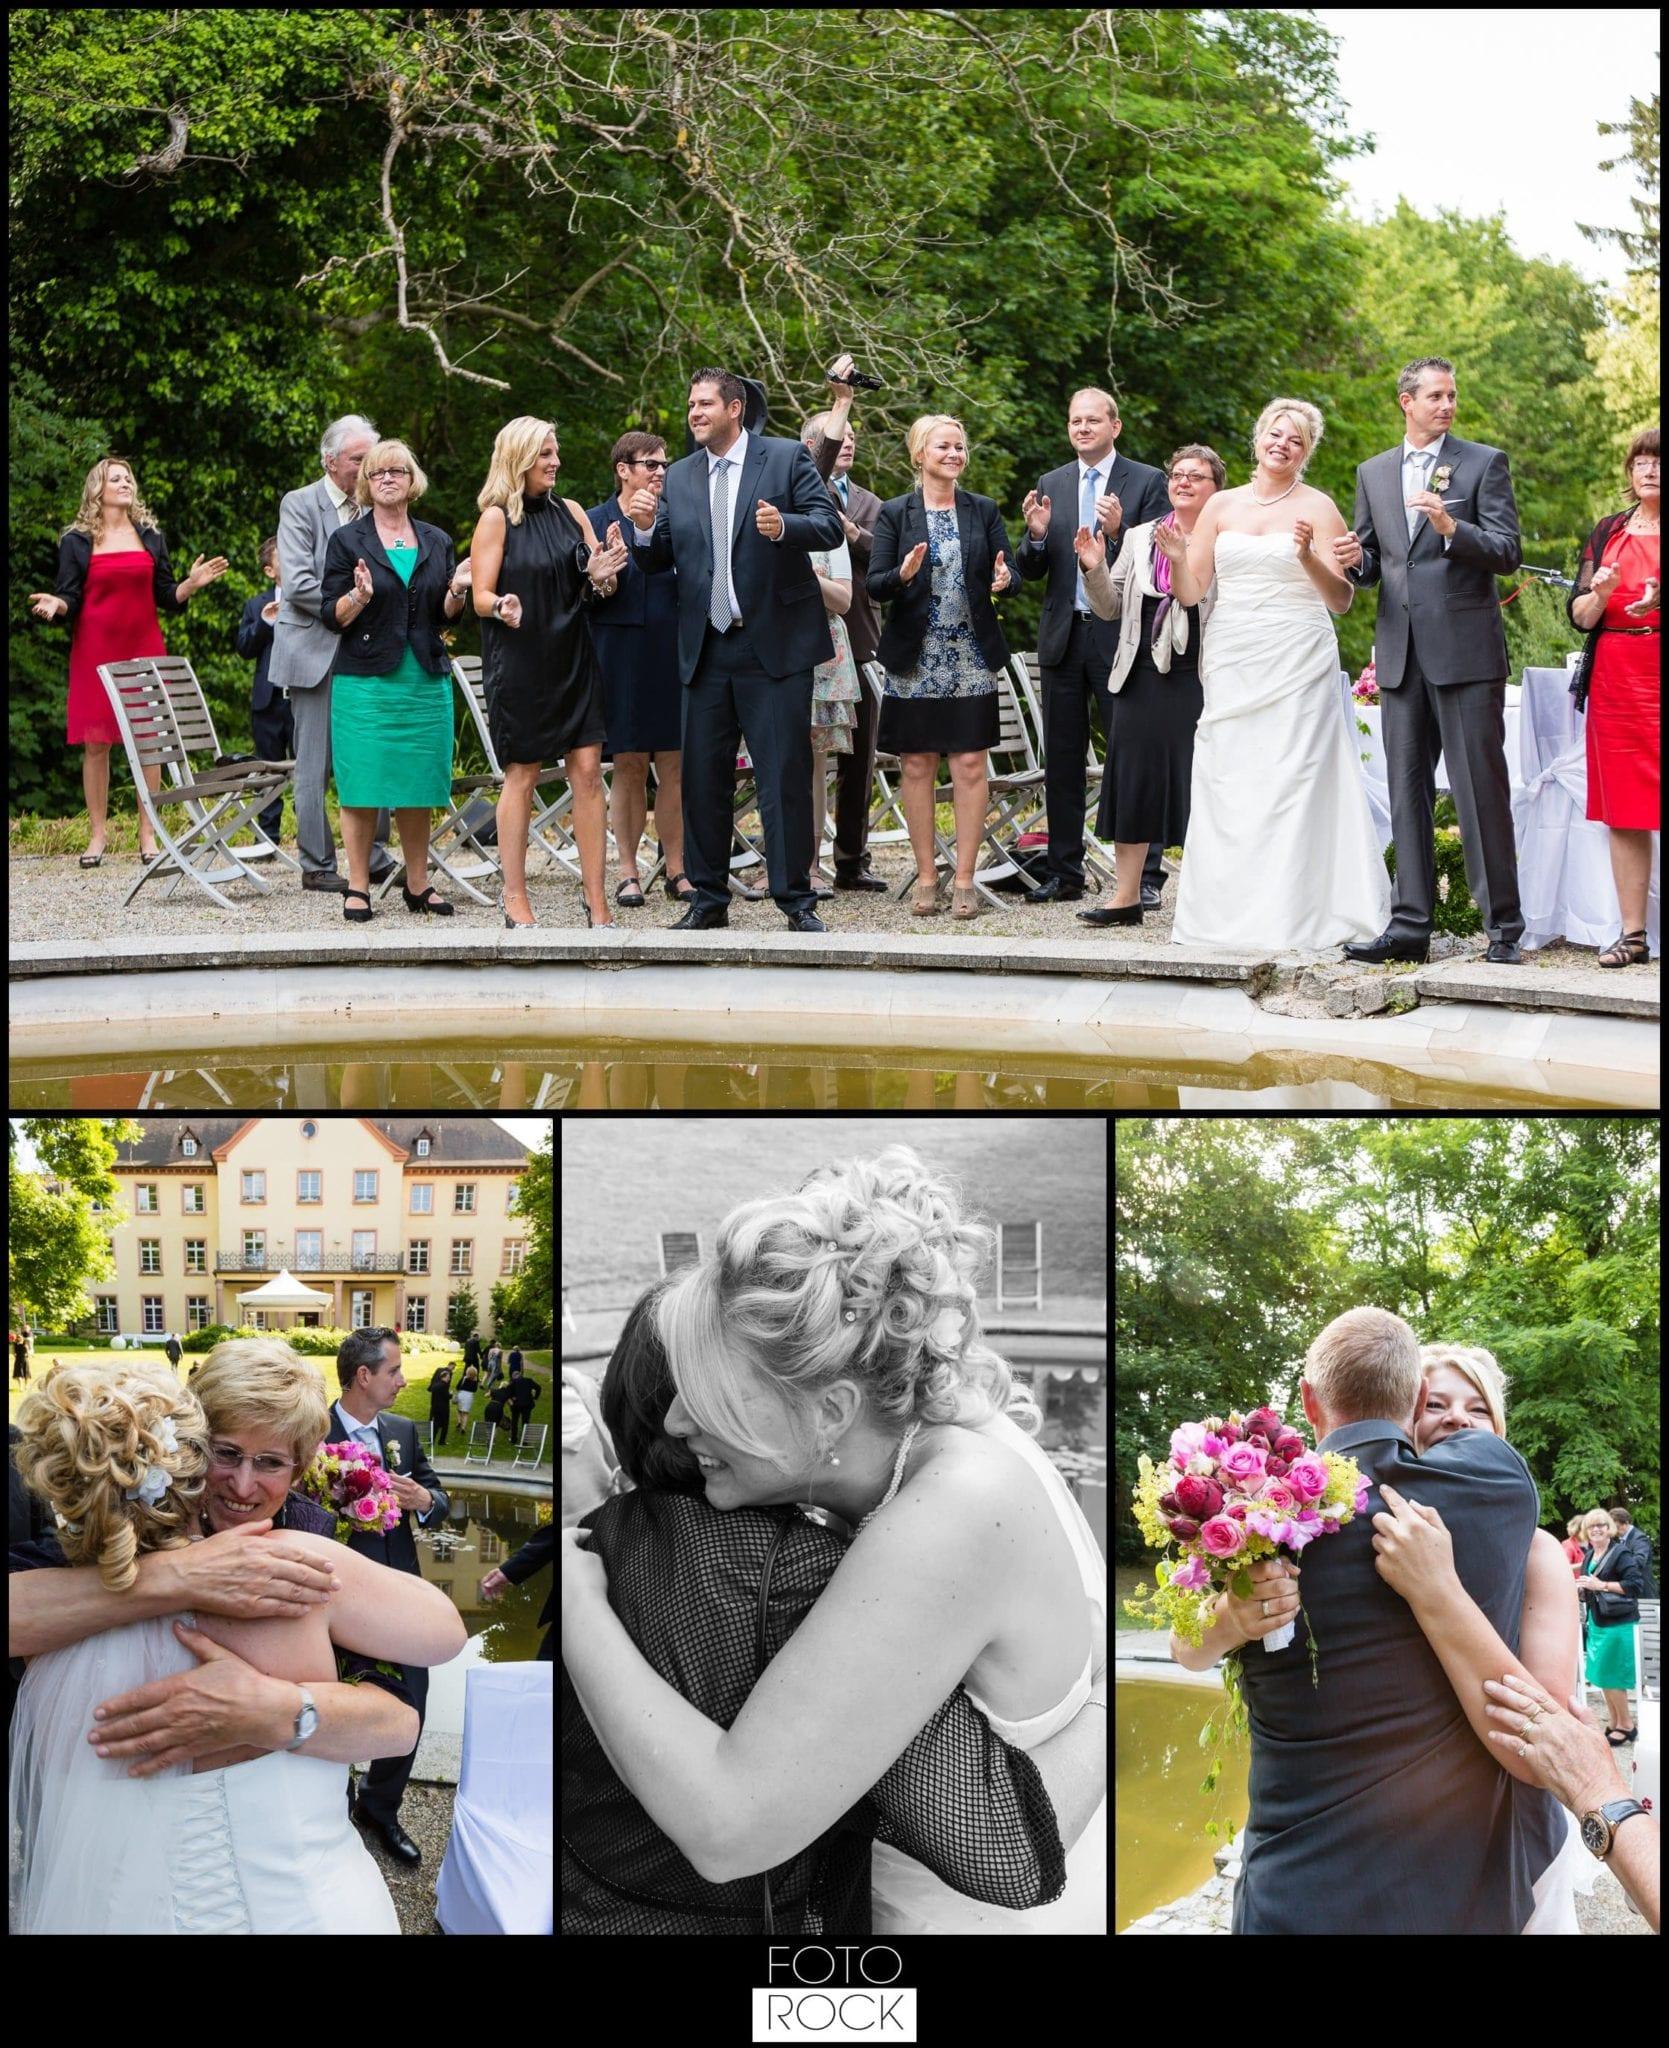 Hochzeit Jesuitenschloss Freiburg gratulation gäste umarmung